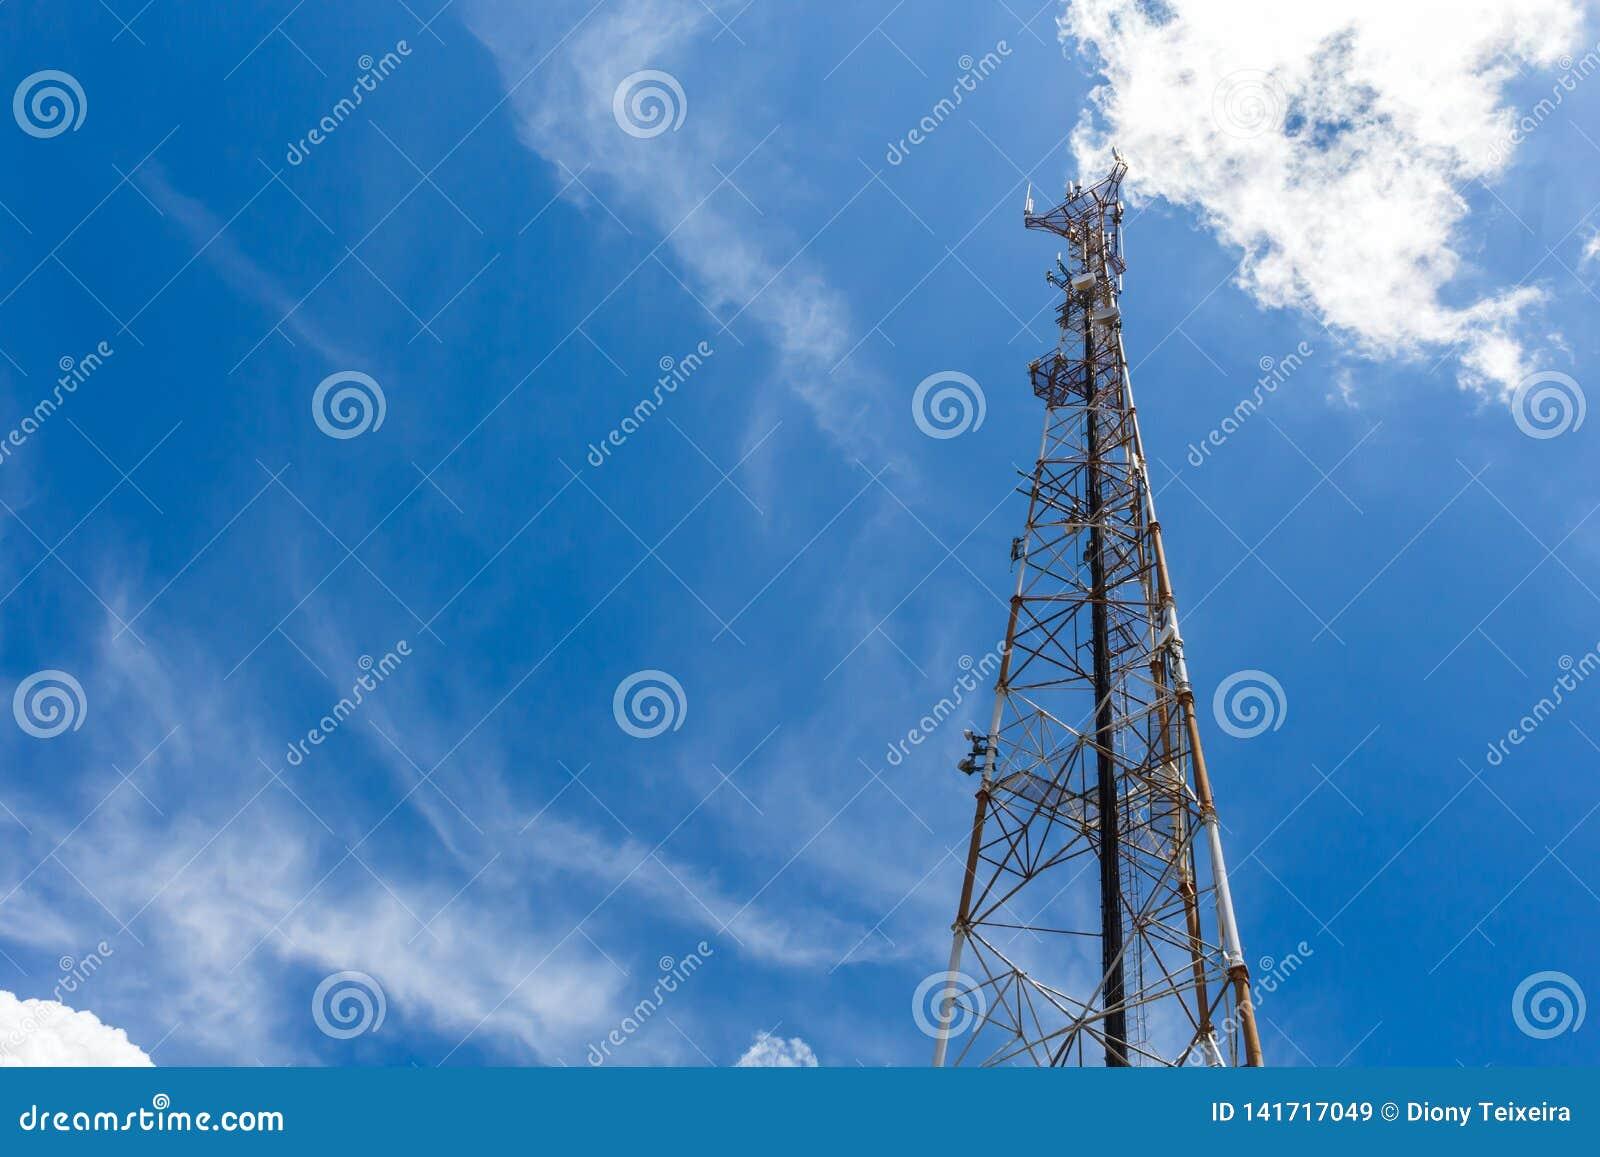 De mobiele telefoon van de communicatie toren repeaterantenne, met blauwe hemel en witte wolken